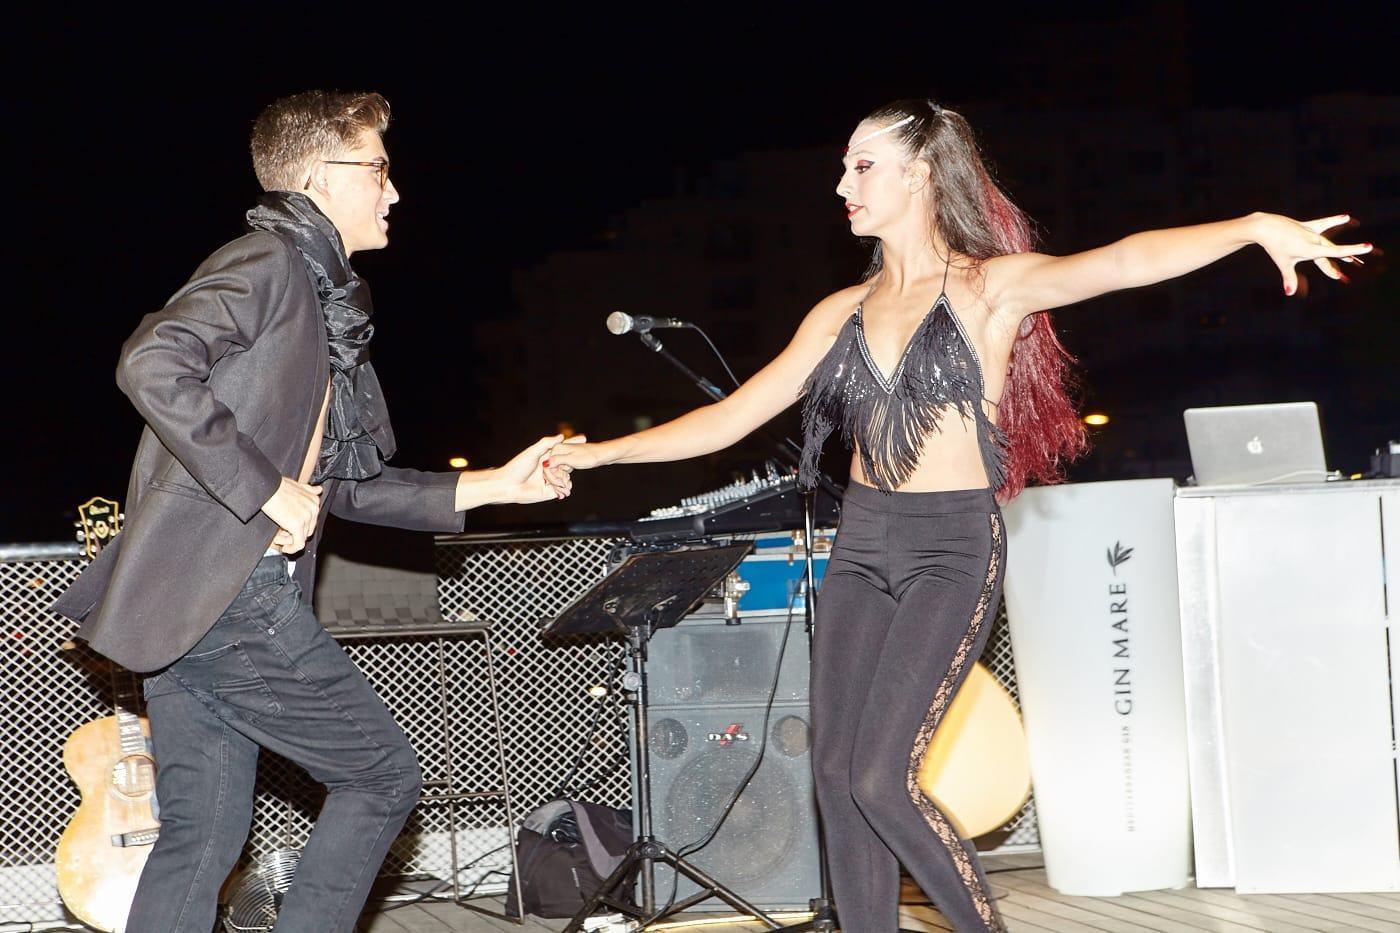 Ania y Dani en un momento de su coreografia